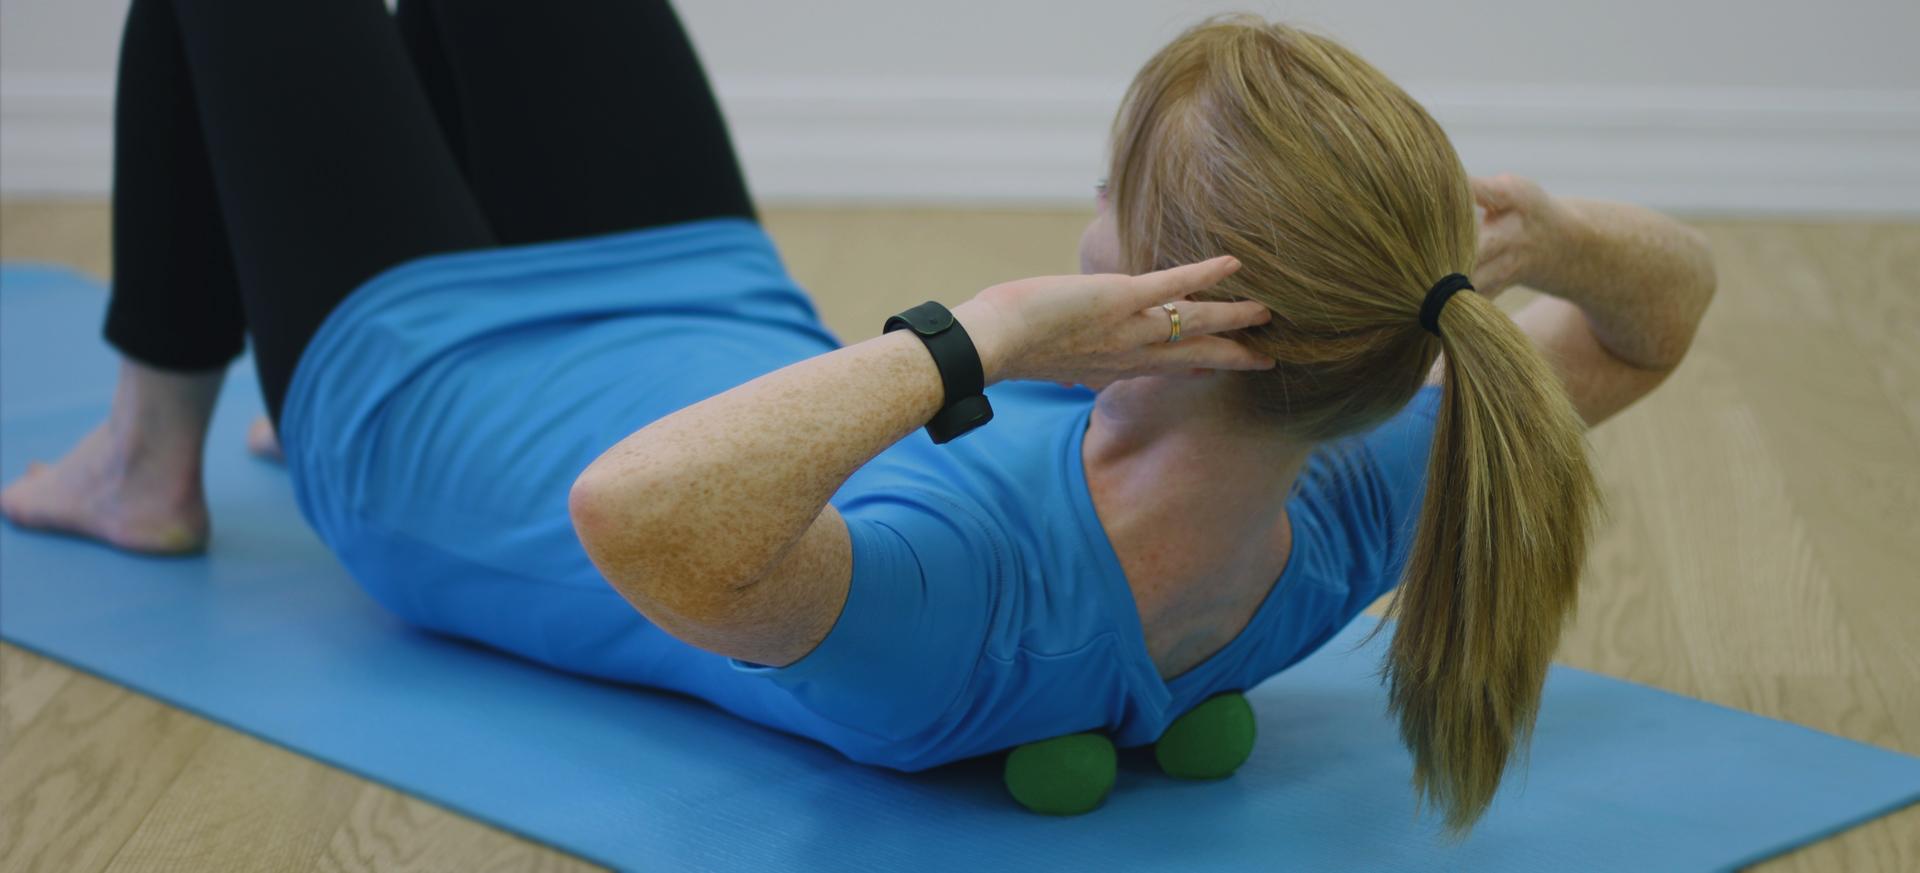 Yoga-ball